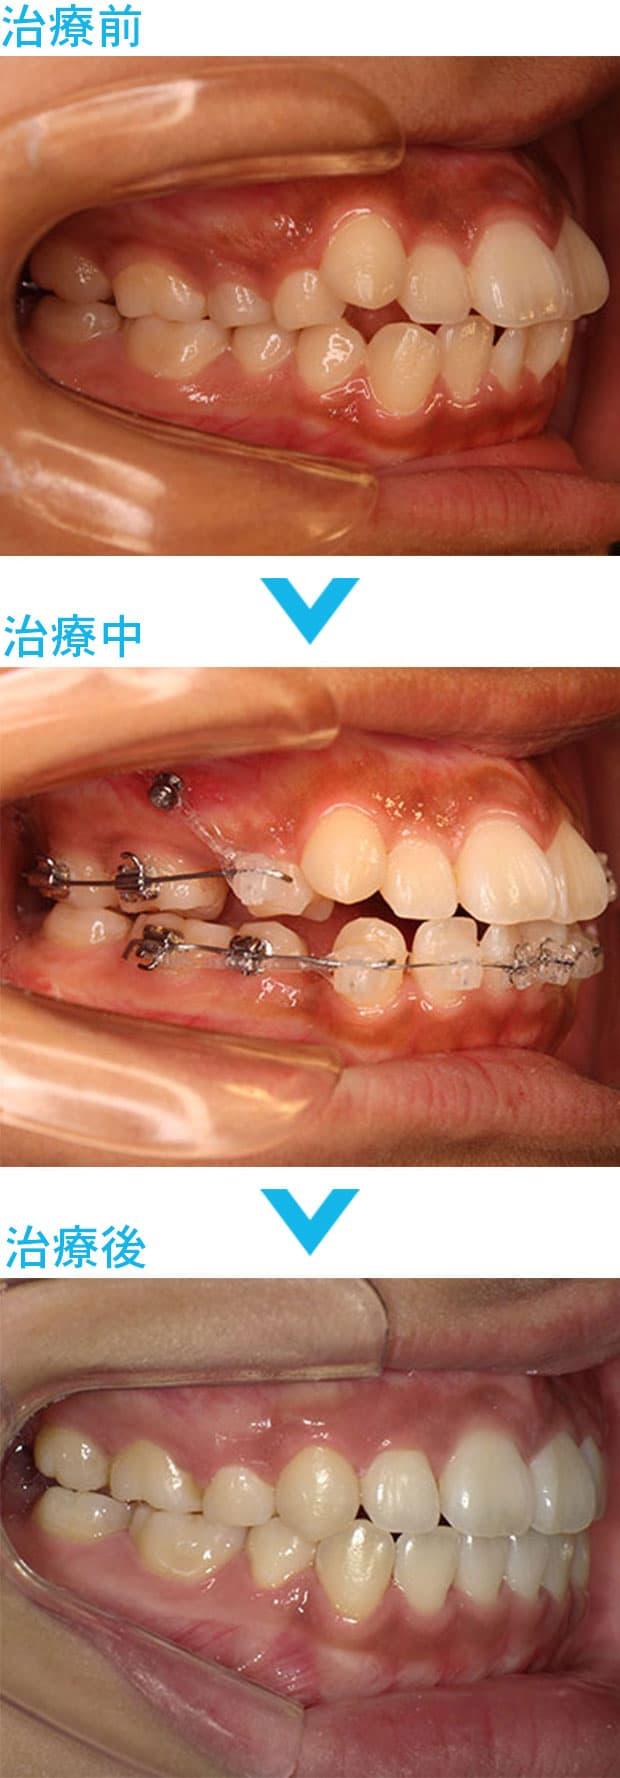 歯科矯正用アンカースクリューによる治療の経過